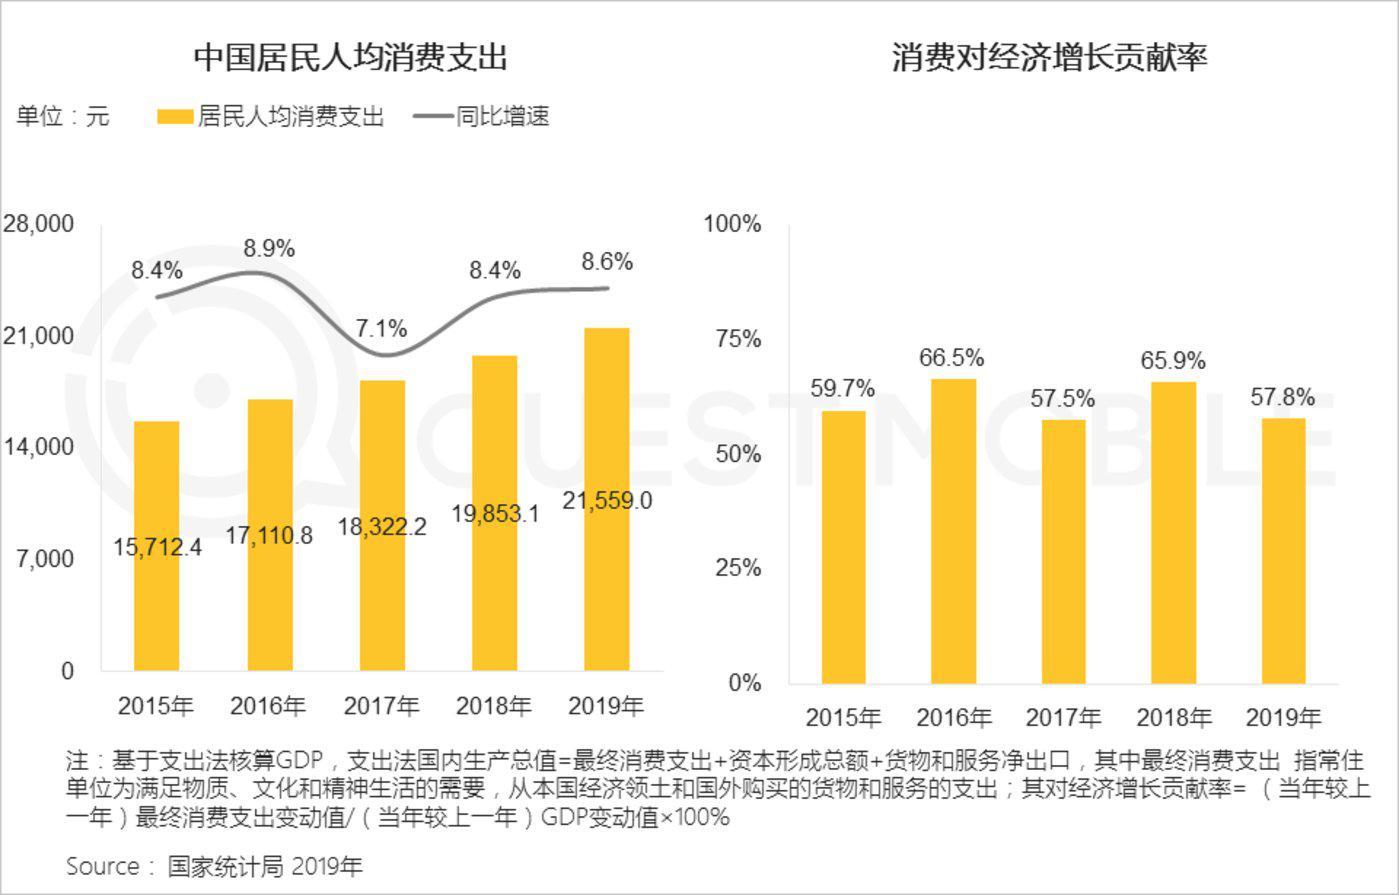 大数据研究报告,2020新国货崛起洞察报告:新人群、新营销红利 带动新国货走热!